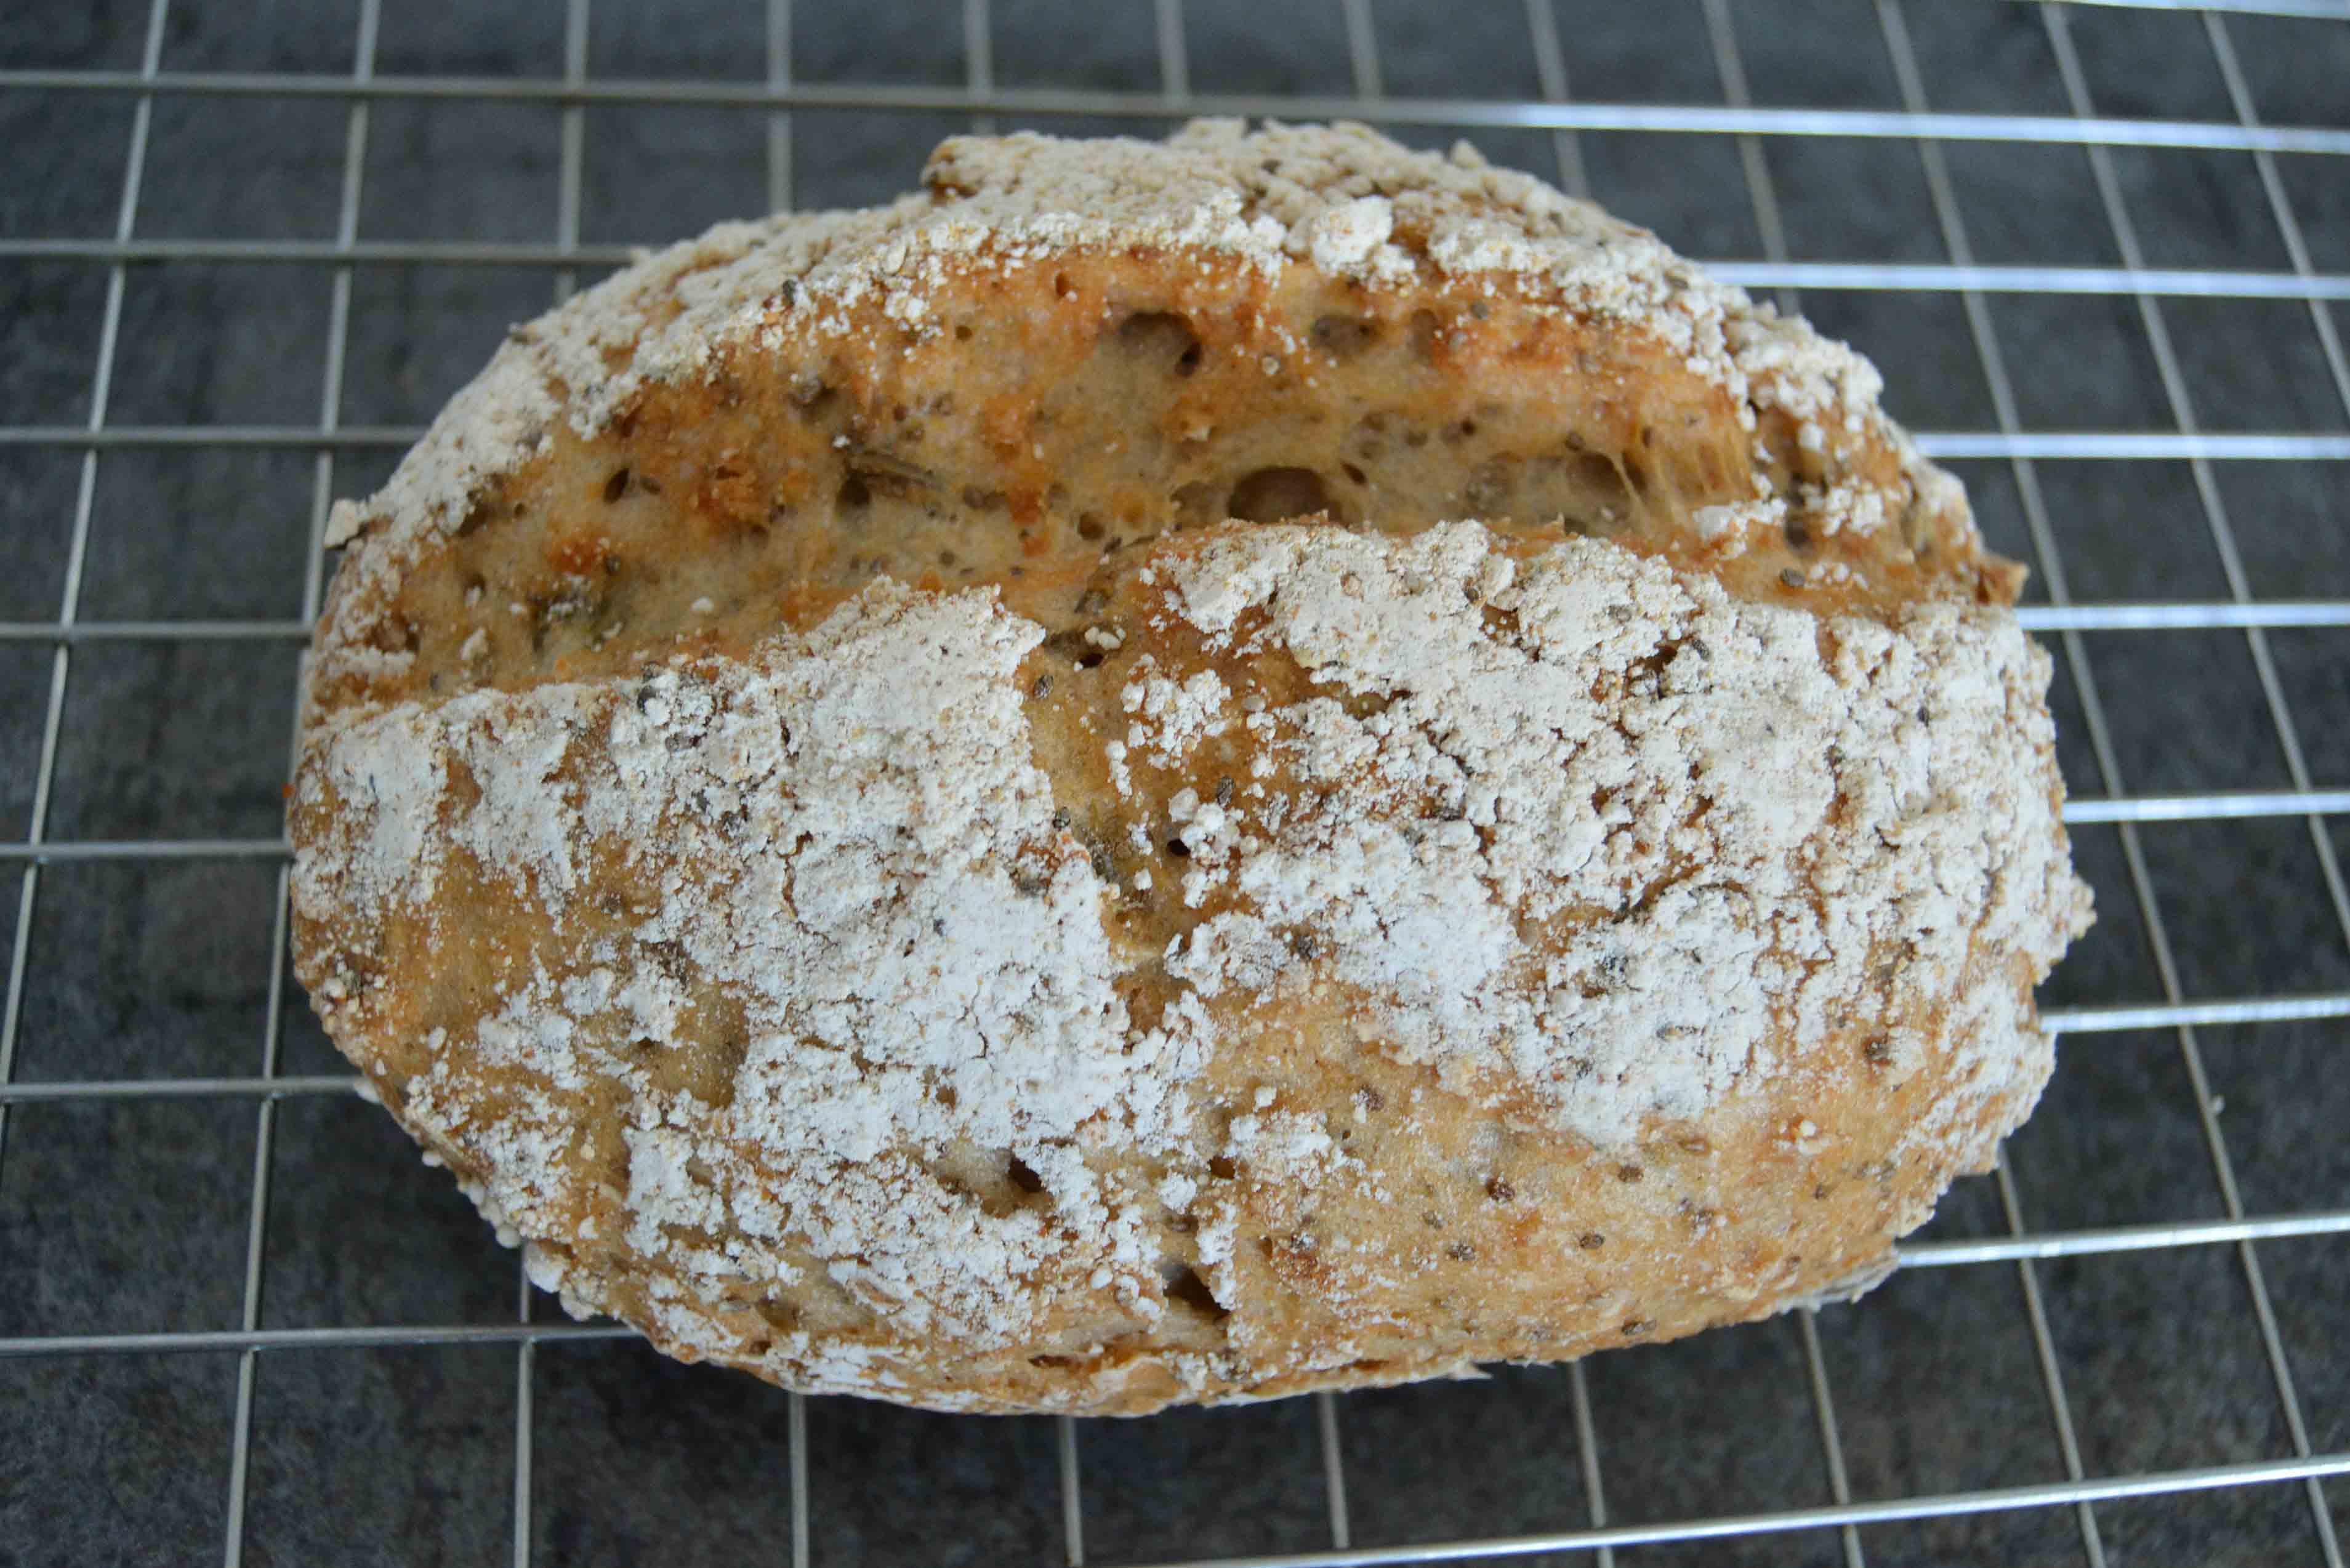 Ranas-Bread-7